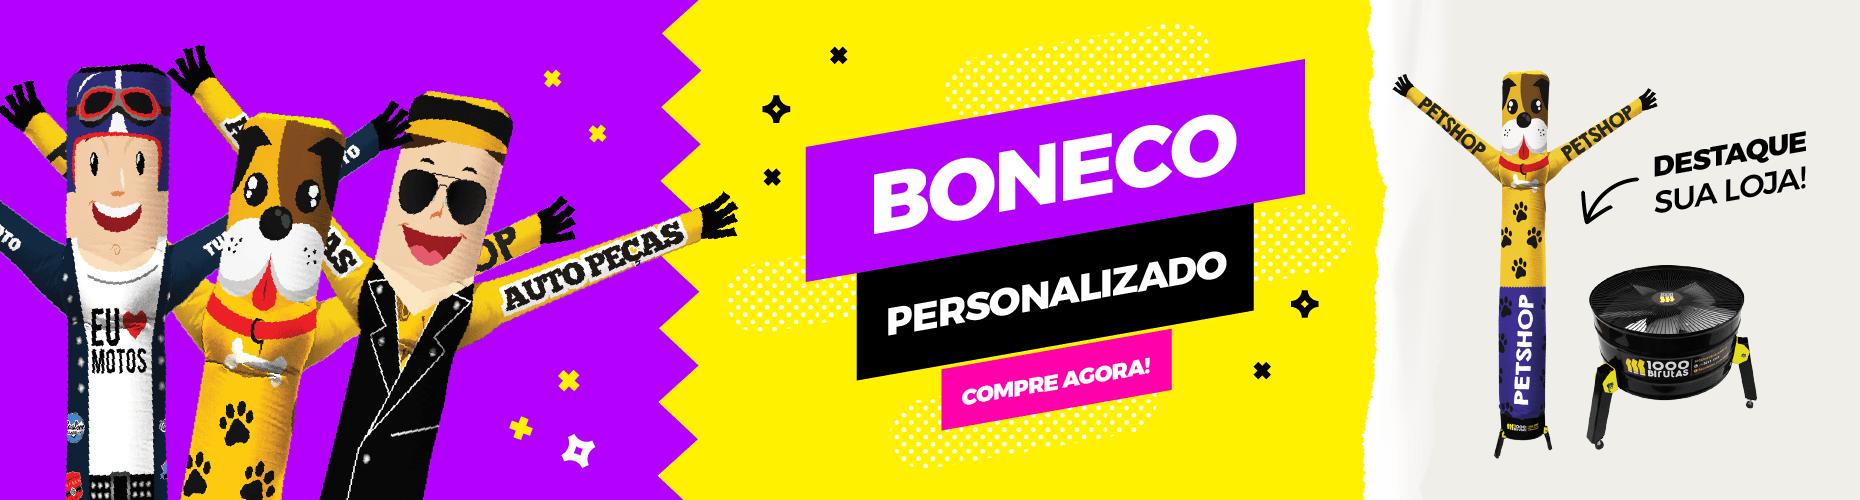 BONECO PERSONALIZADO